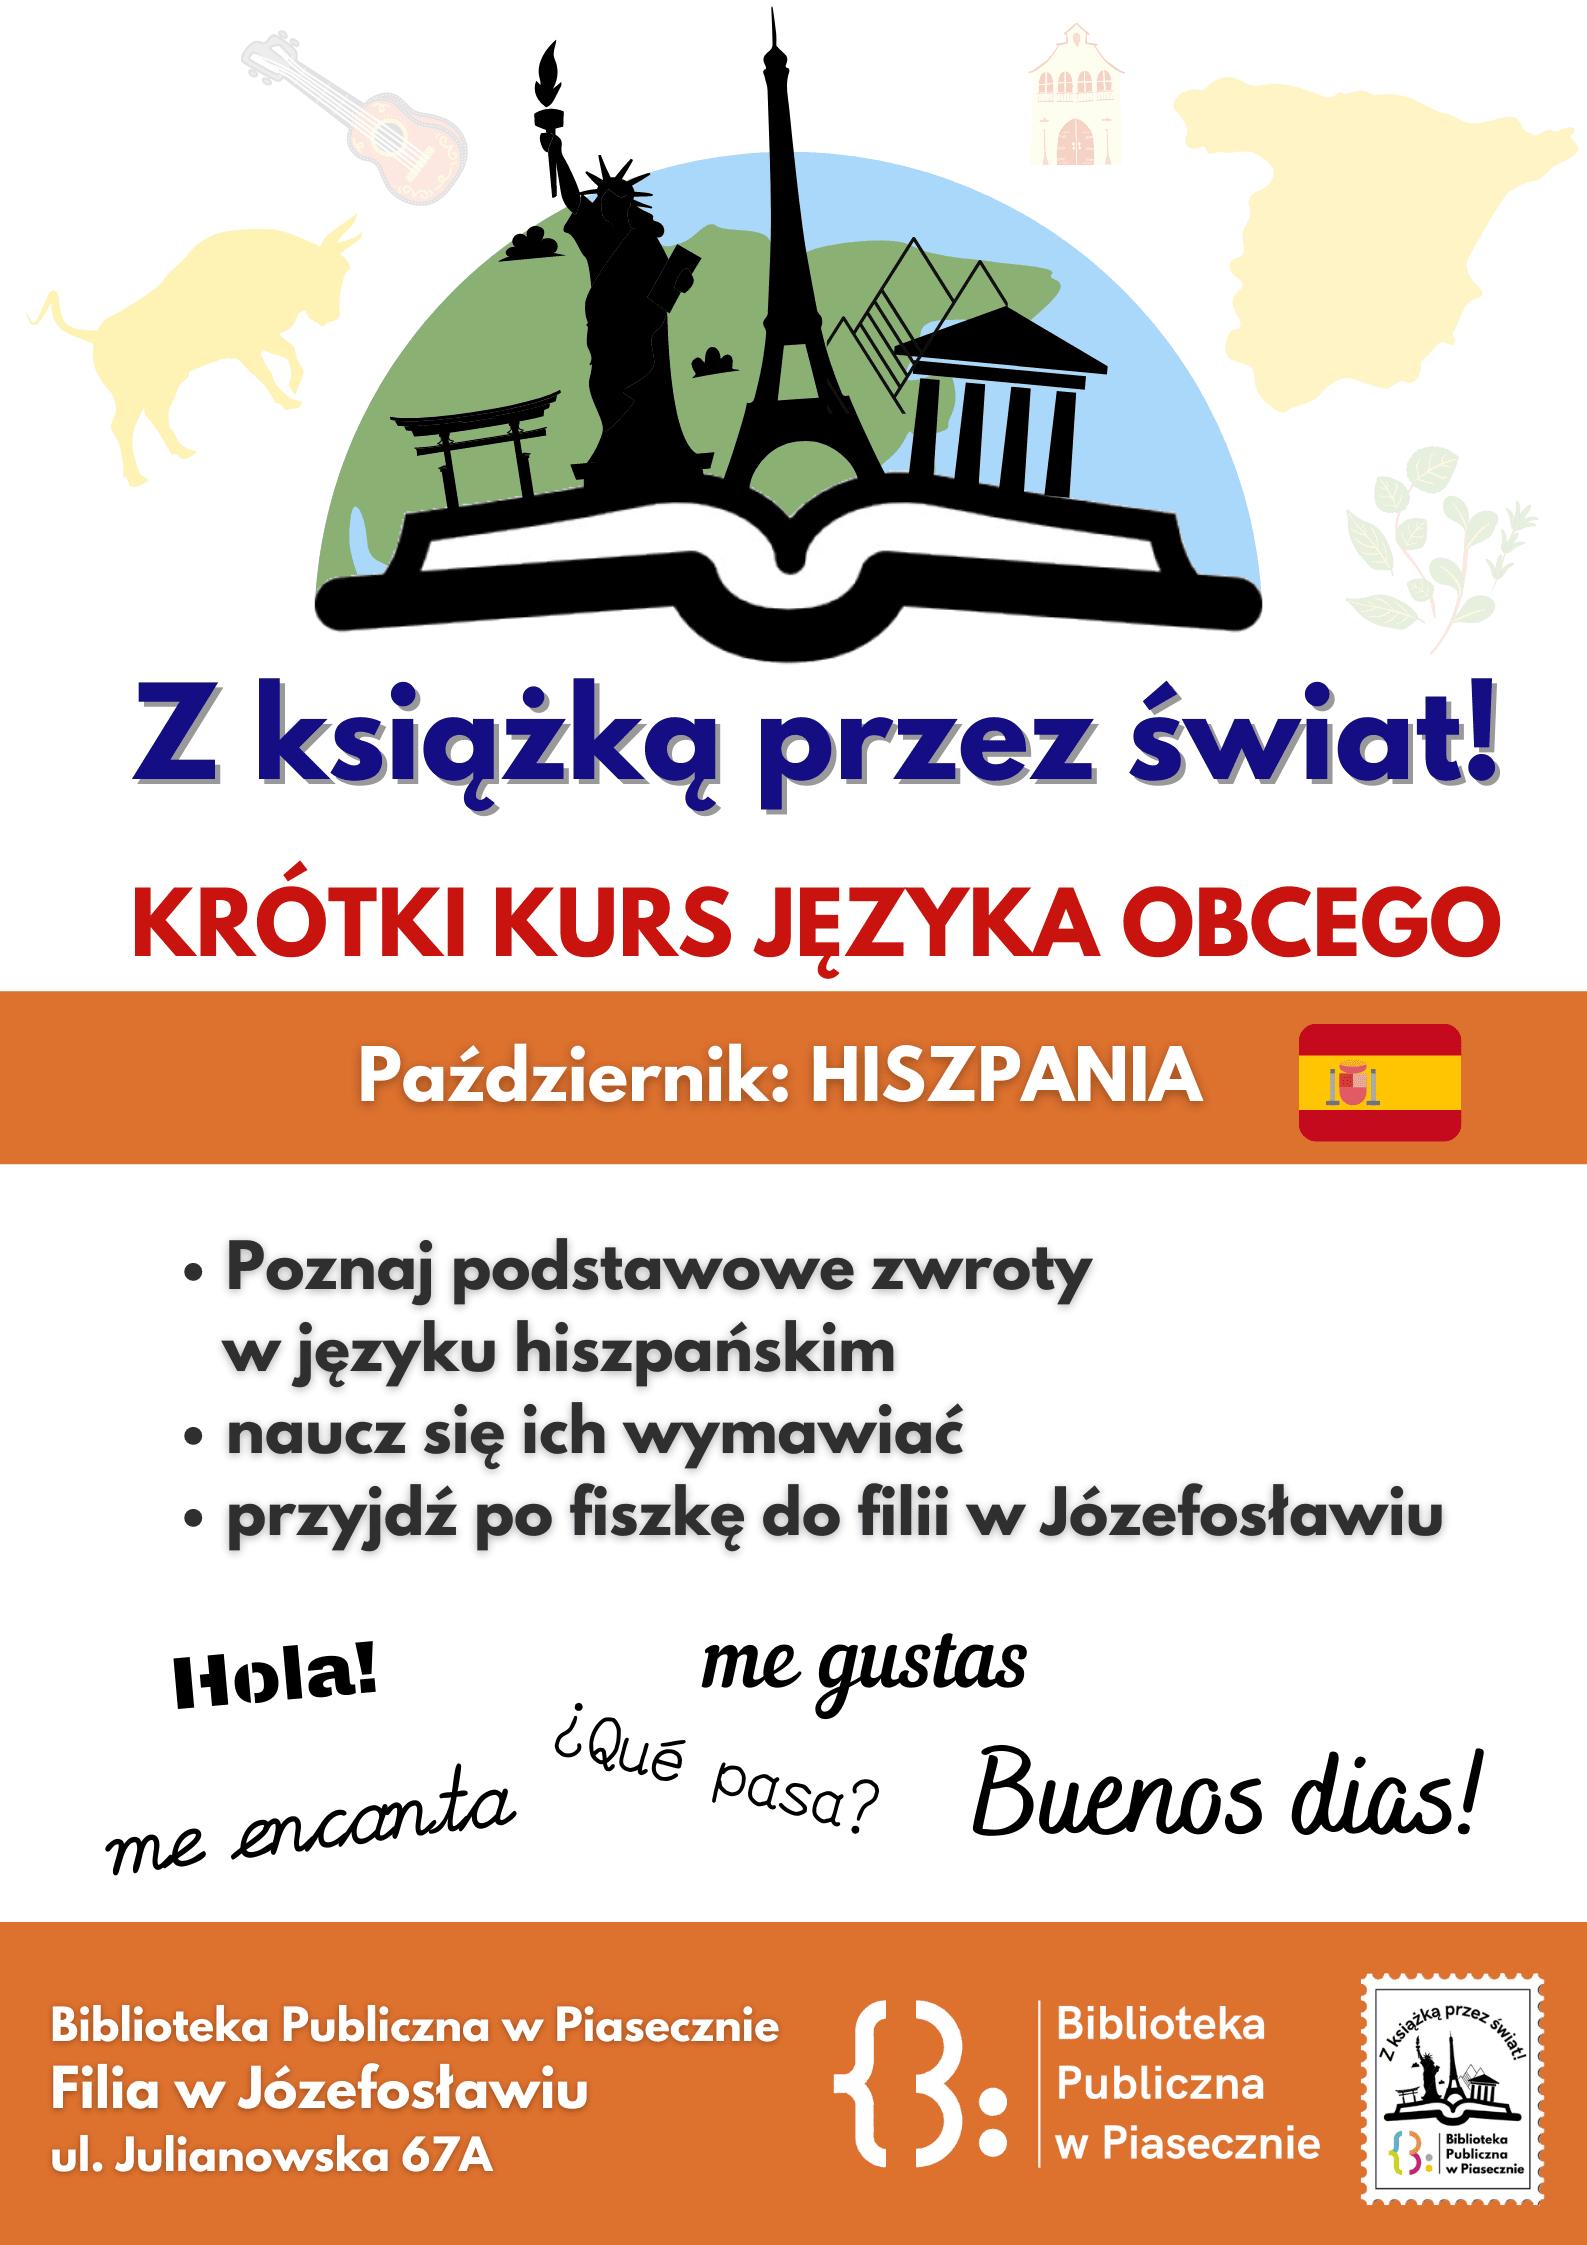 Plakat promujący naukę języka hiszpańskiego